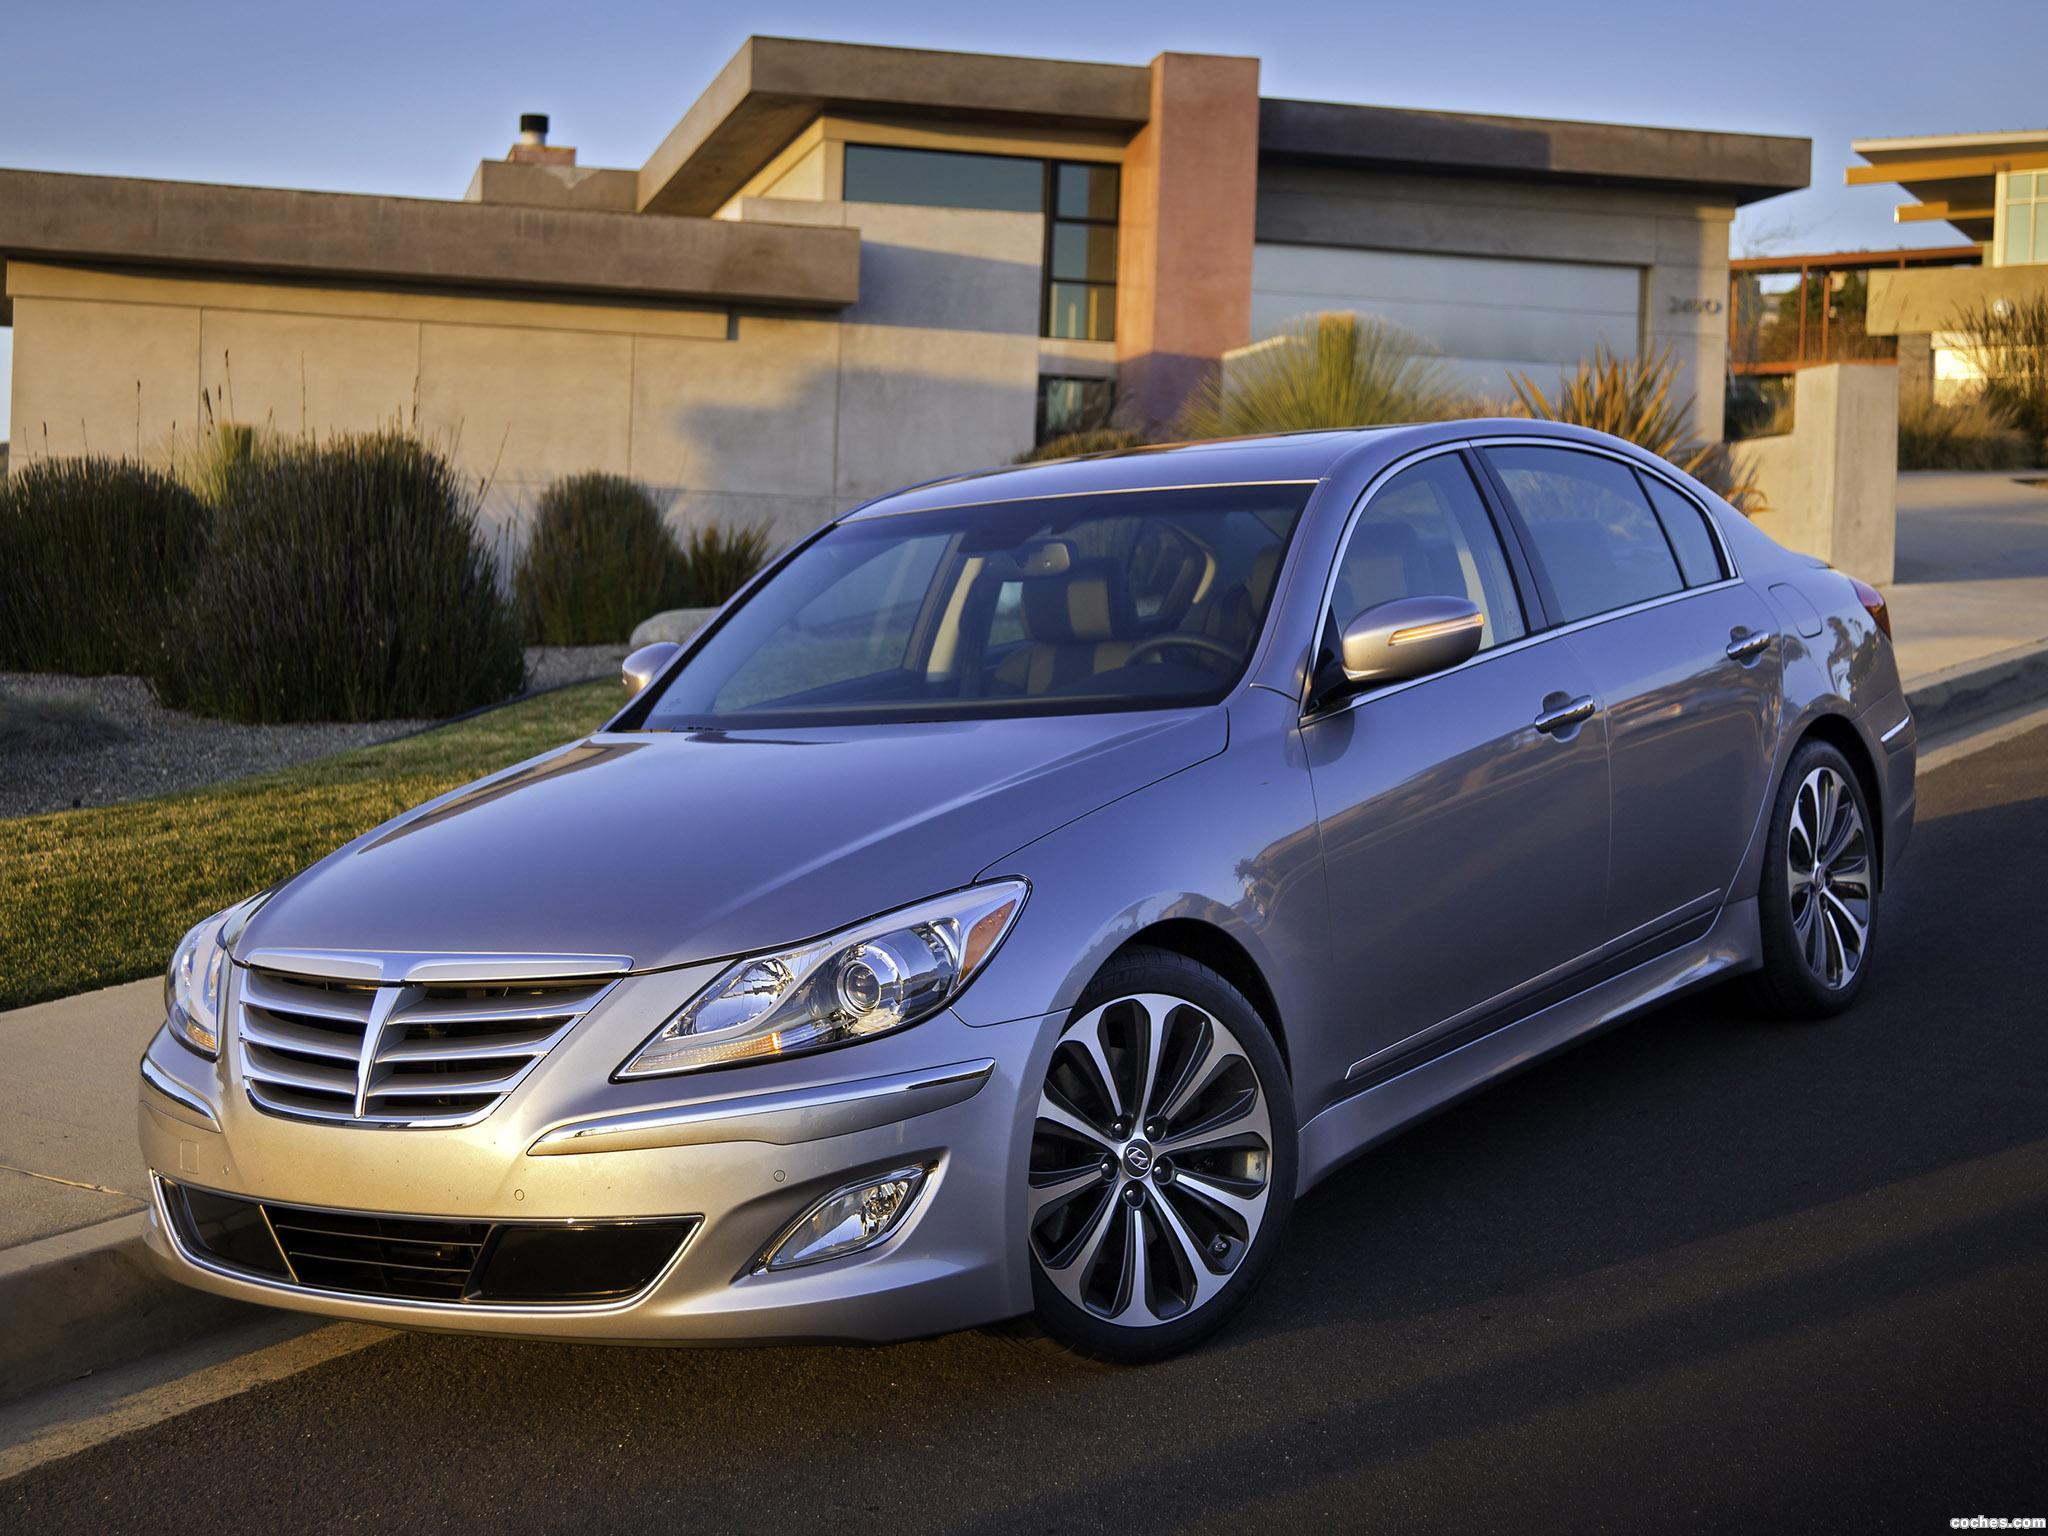 Foto 0 de Hyundai Genesis R-Spec 2010